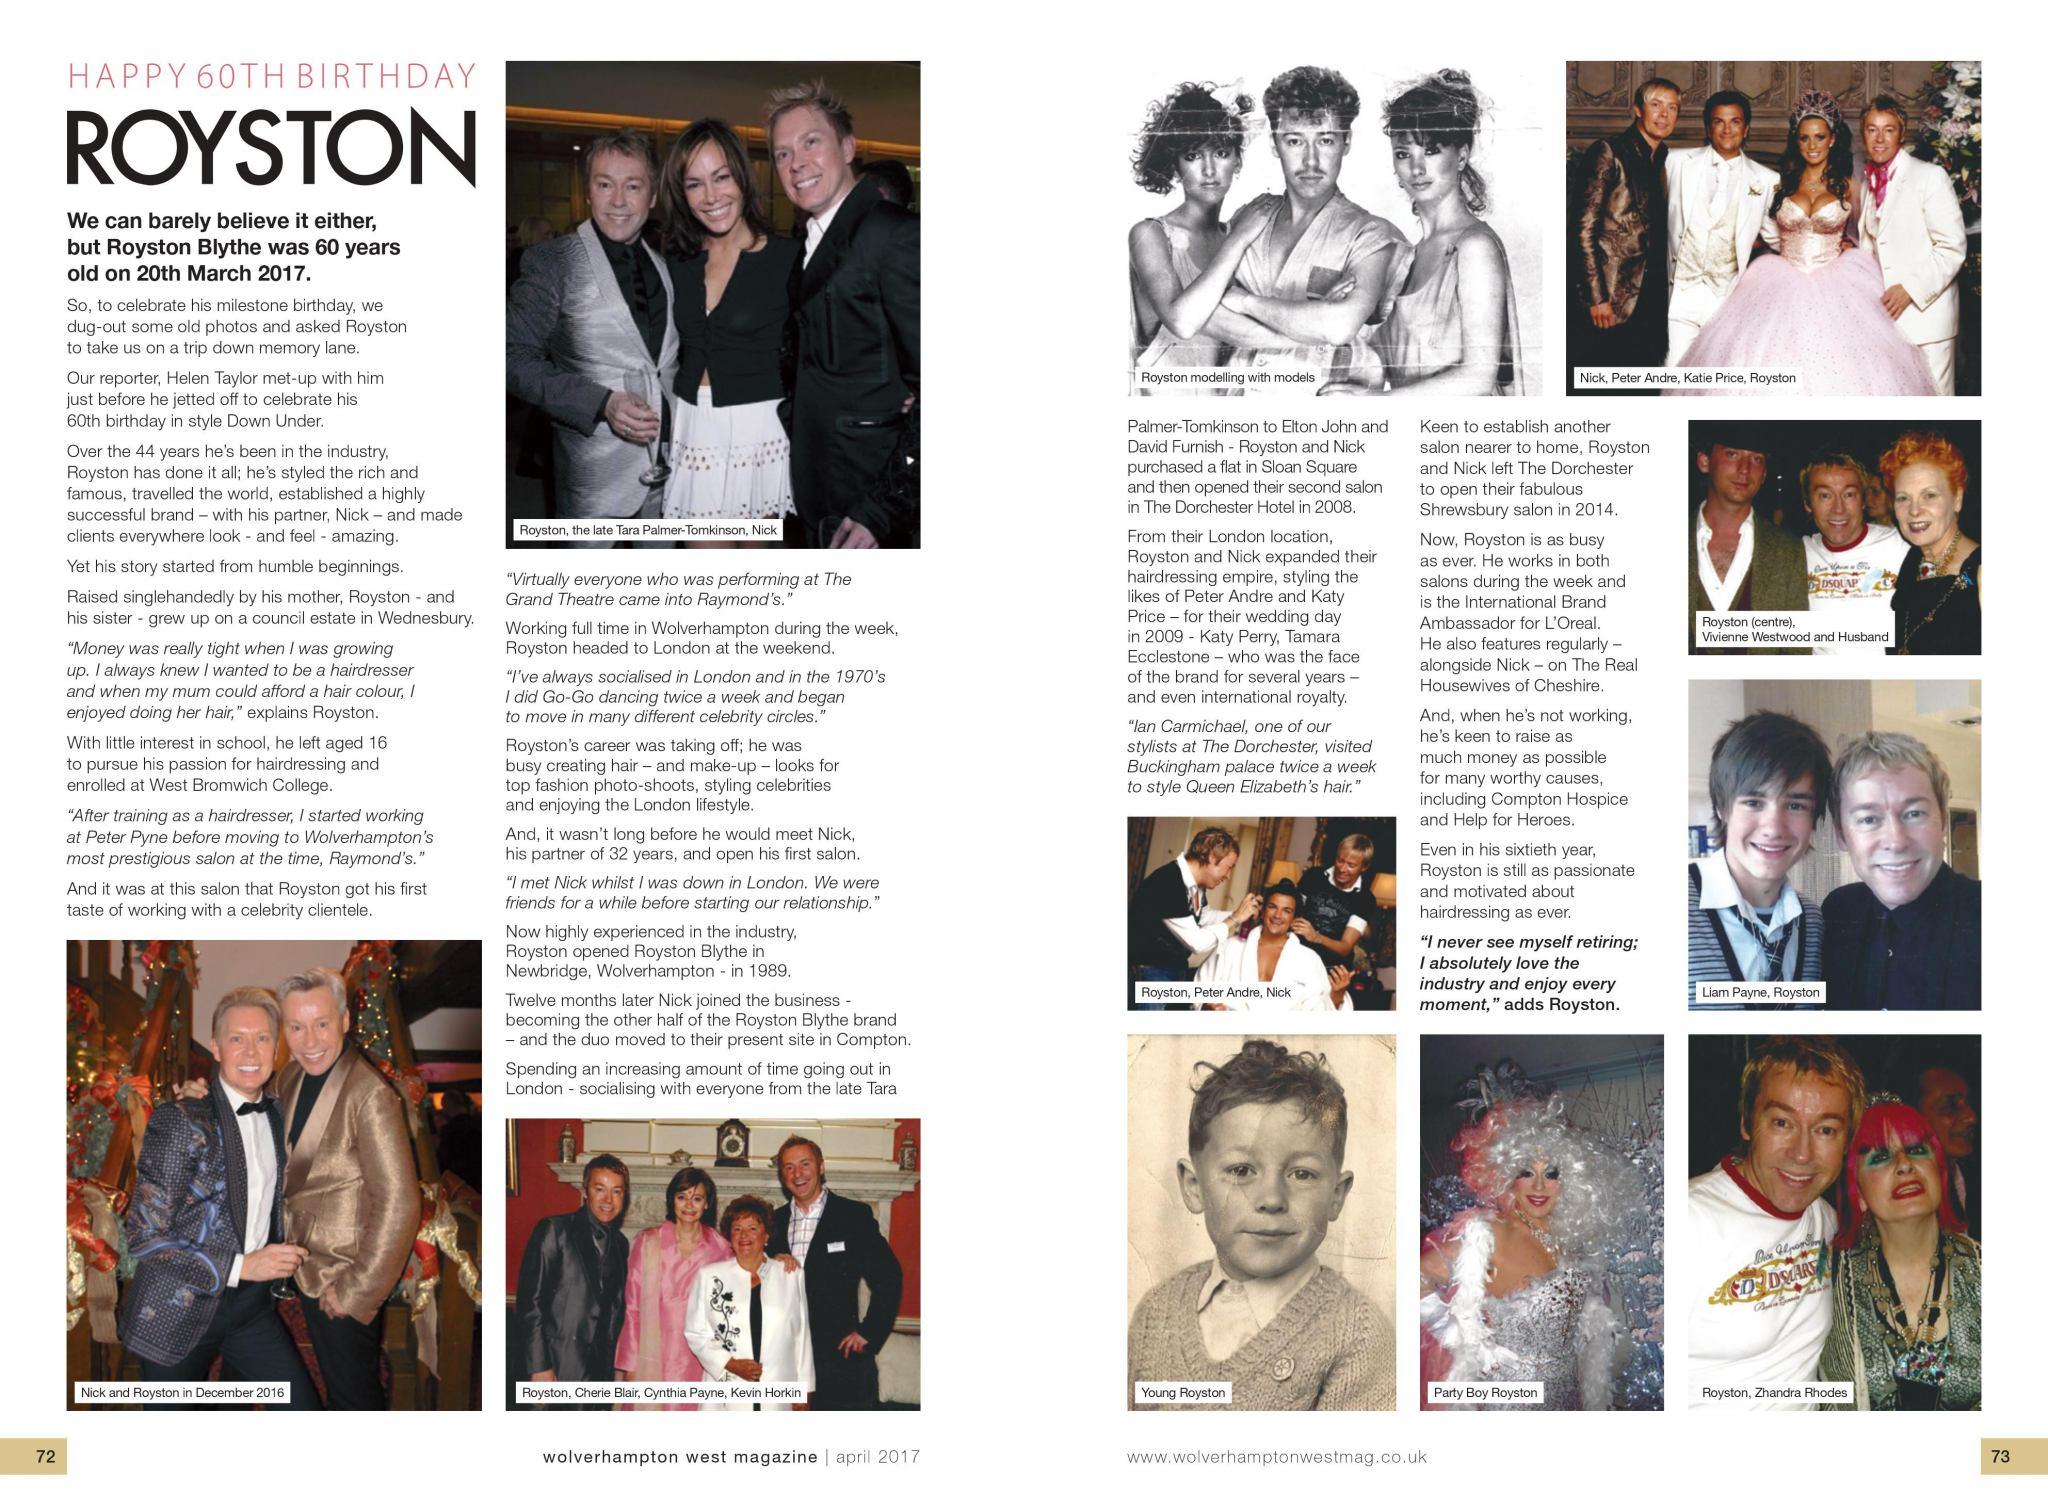 Royston Celebrates 60 Wonderful Years!